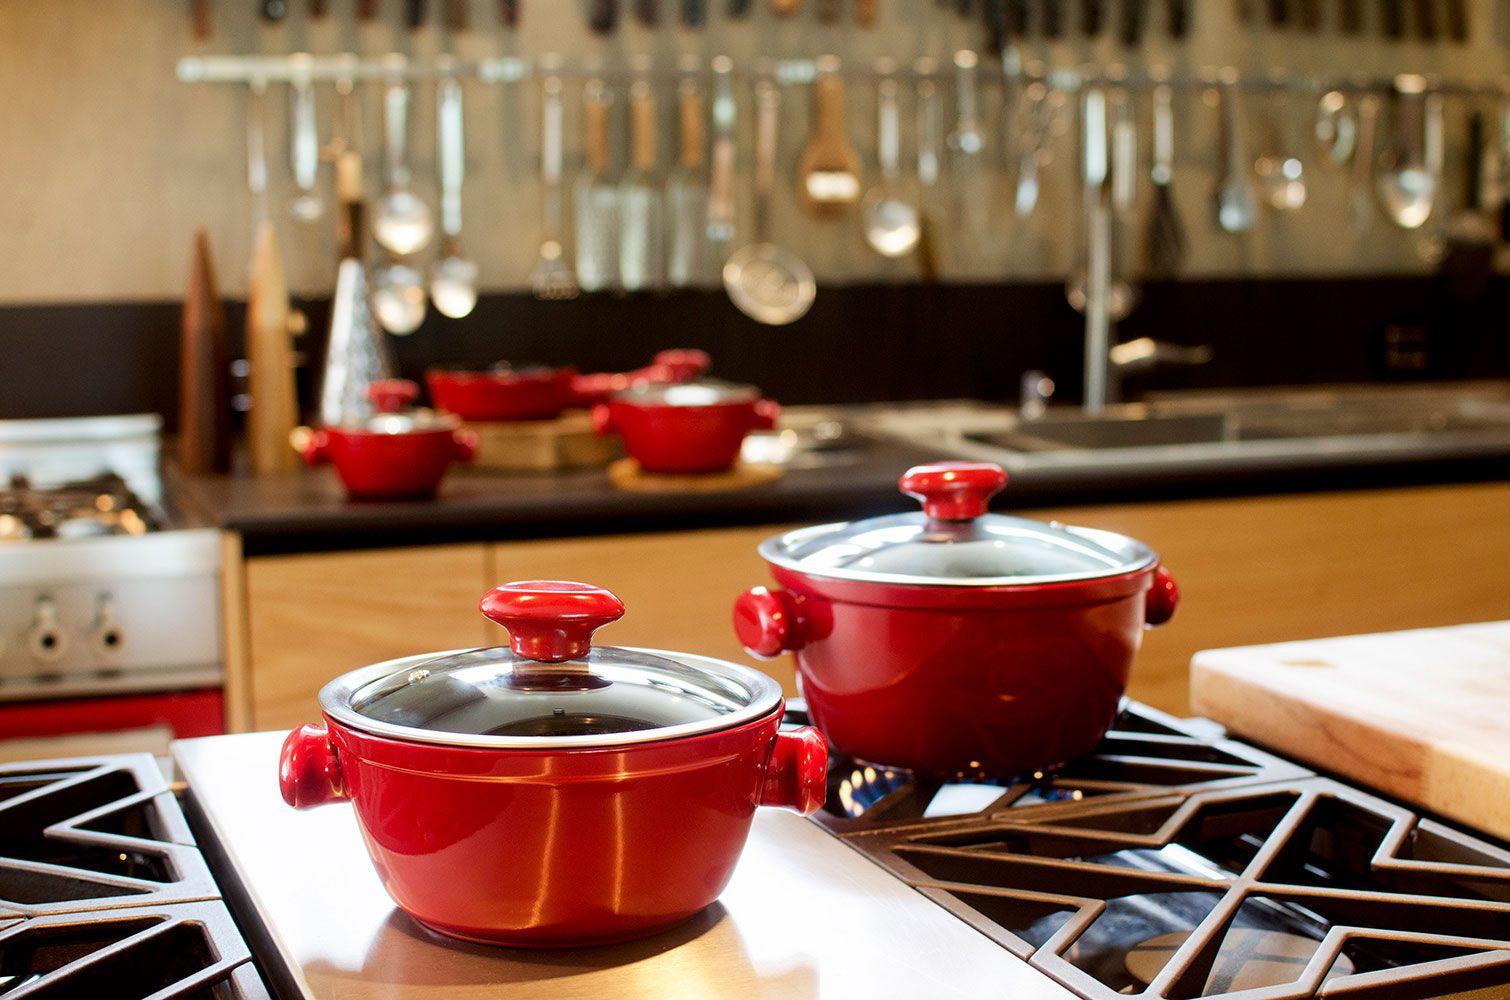 Caçarola 24 cm - 3,5 litros - Vermelha - Linha Chef - Ceraflame  - Lojão de Ofertas